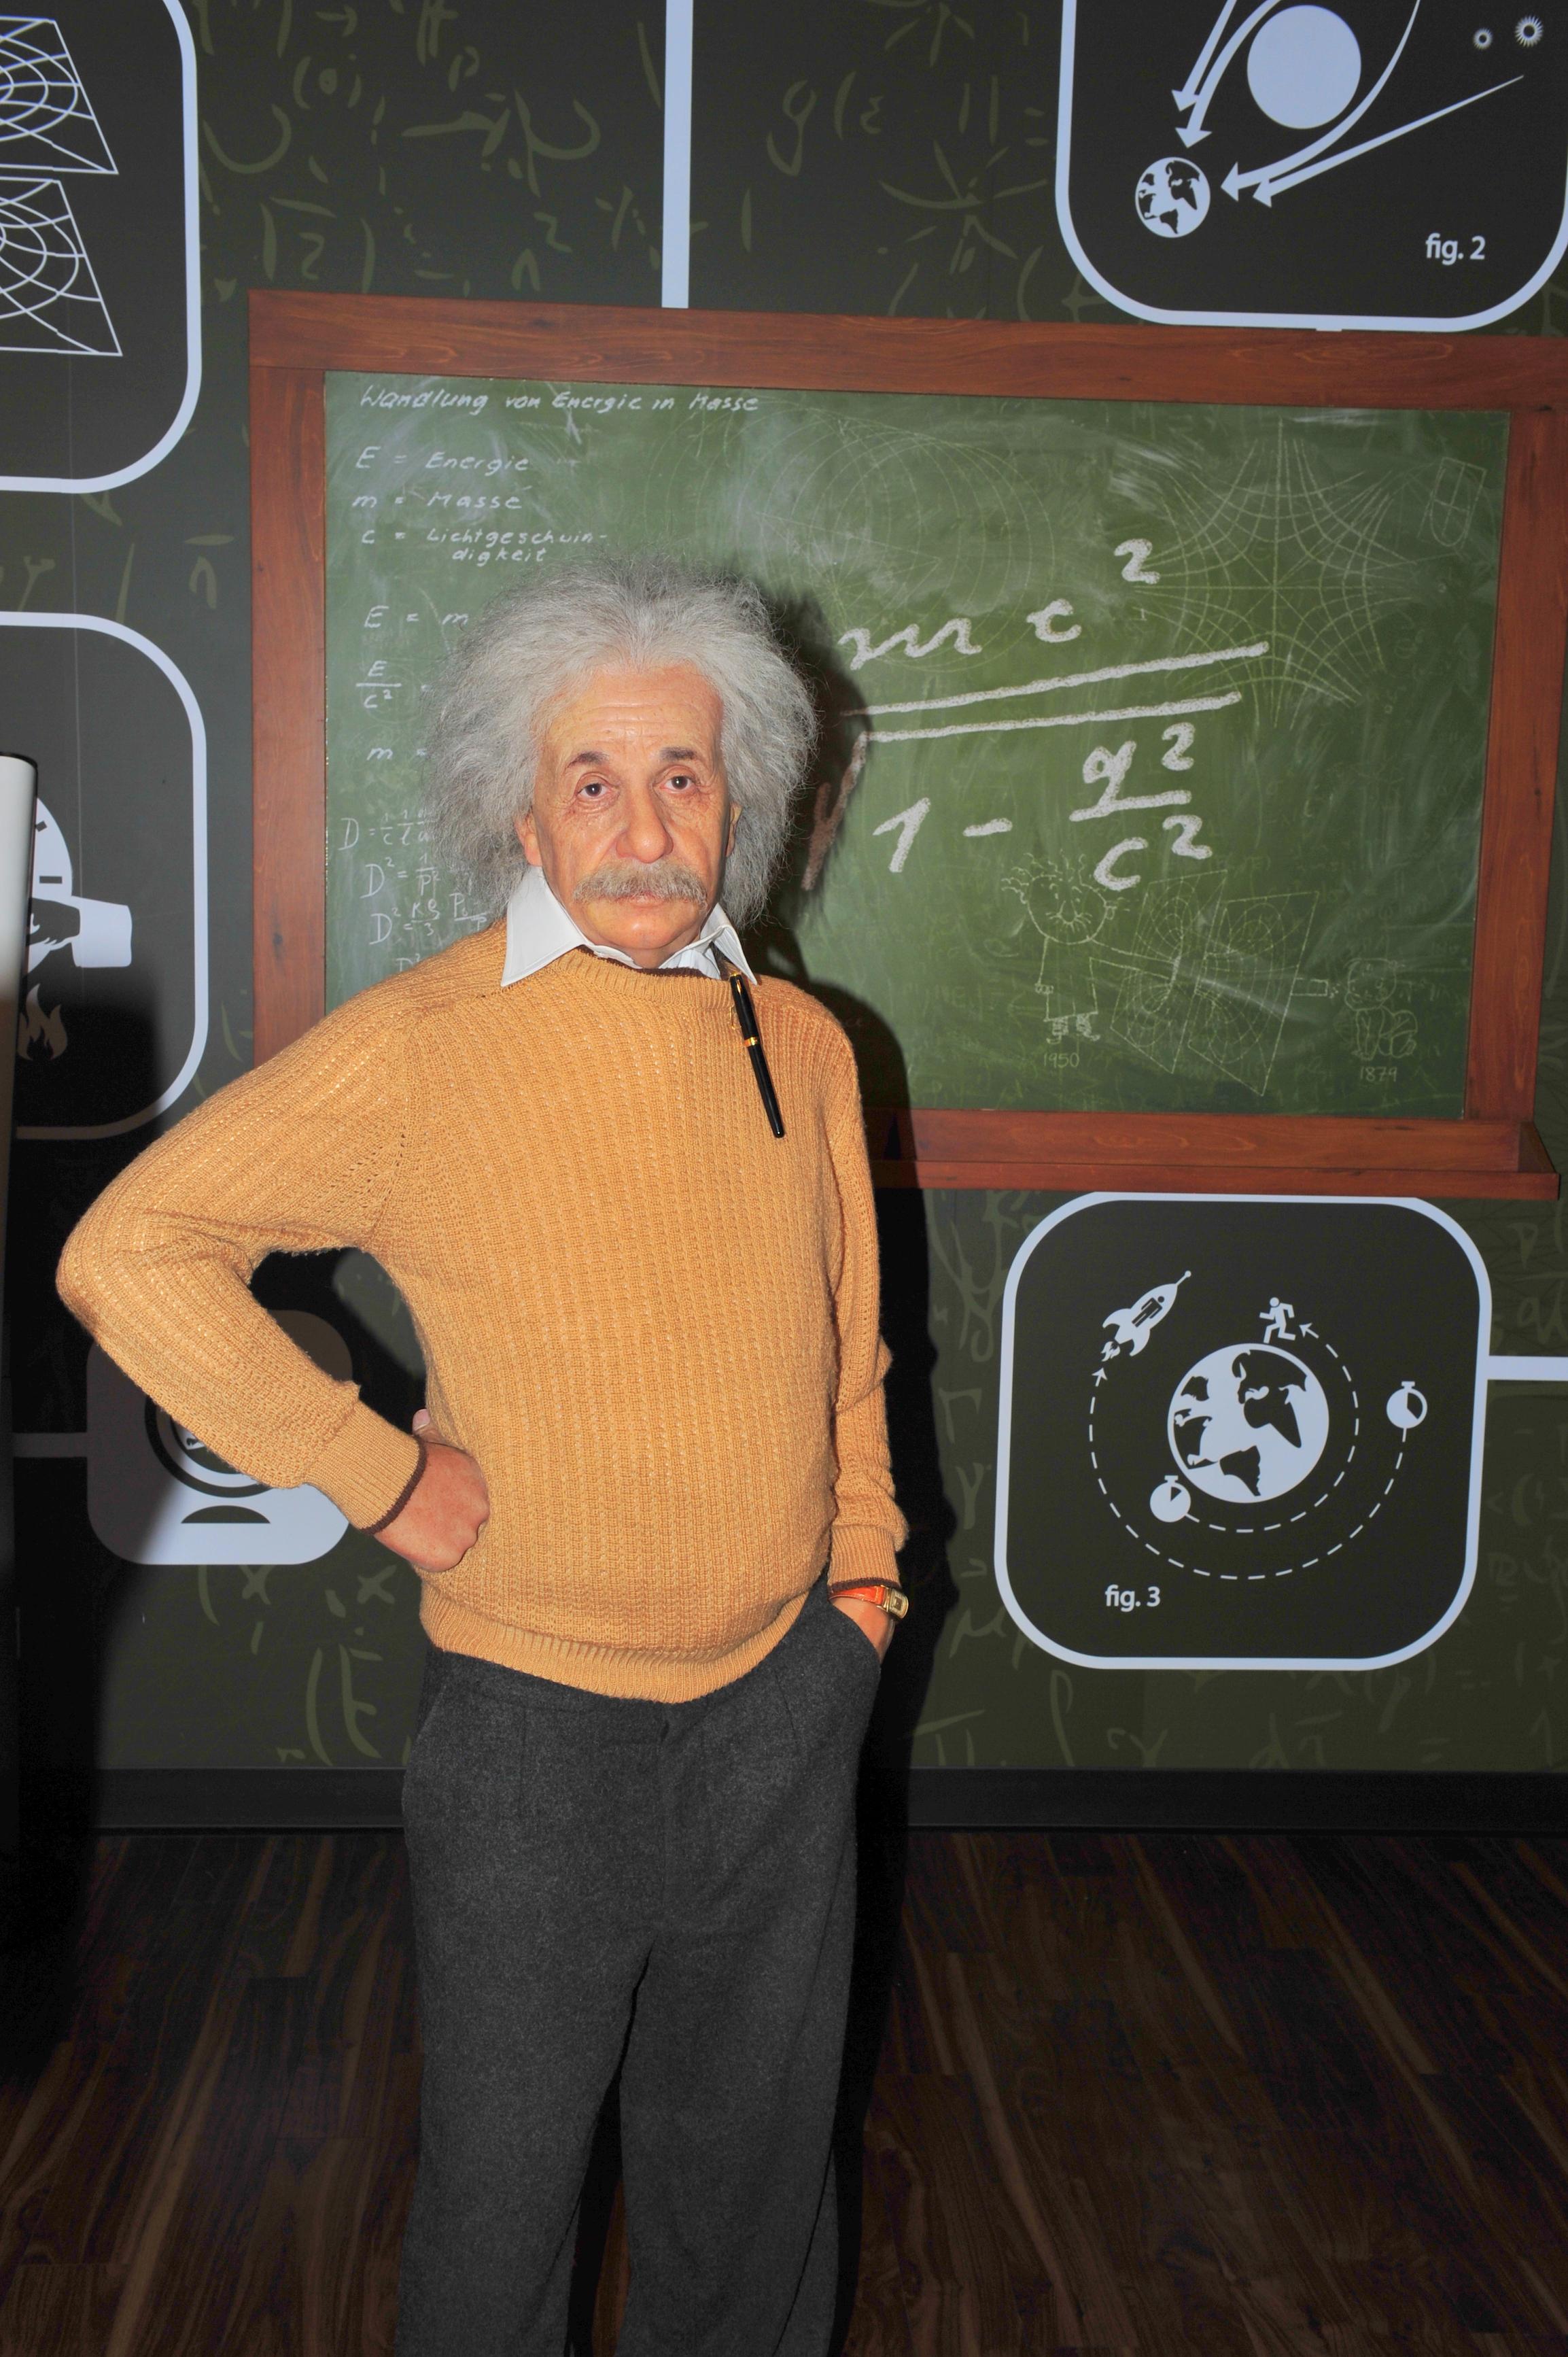 Einstein Biggest Mistakes In Physics: KidsPressMagazine.com